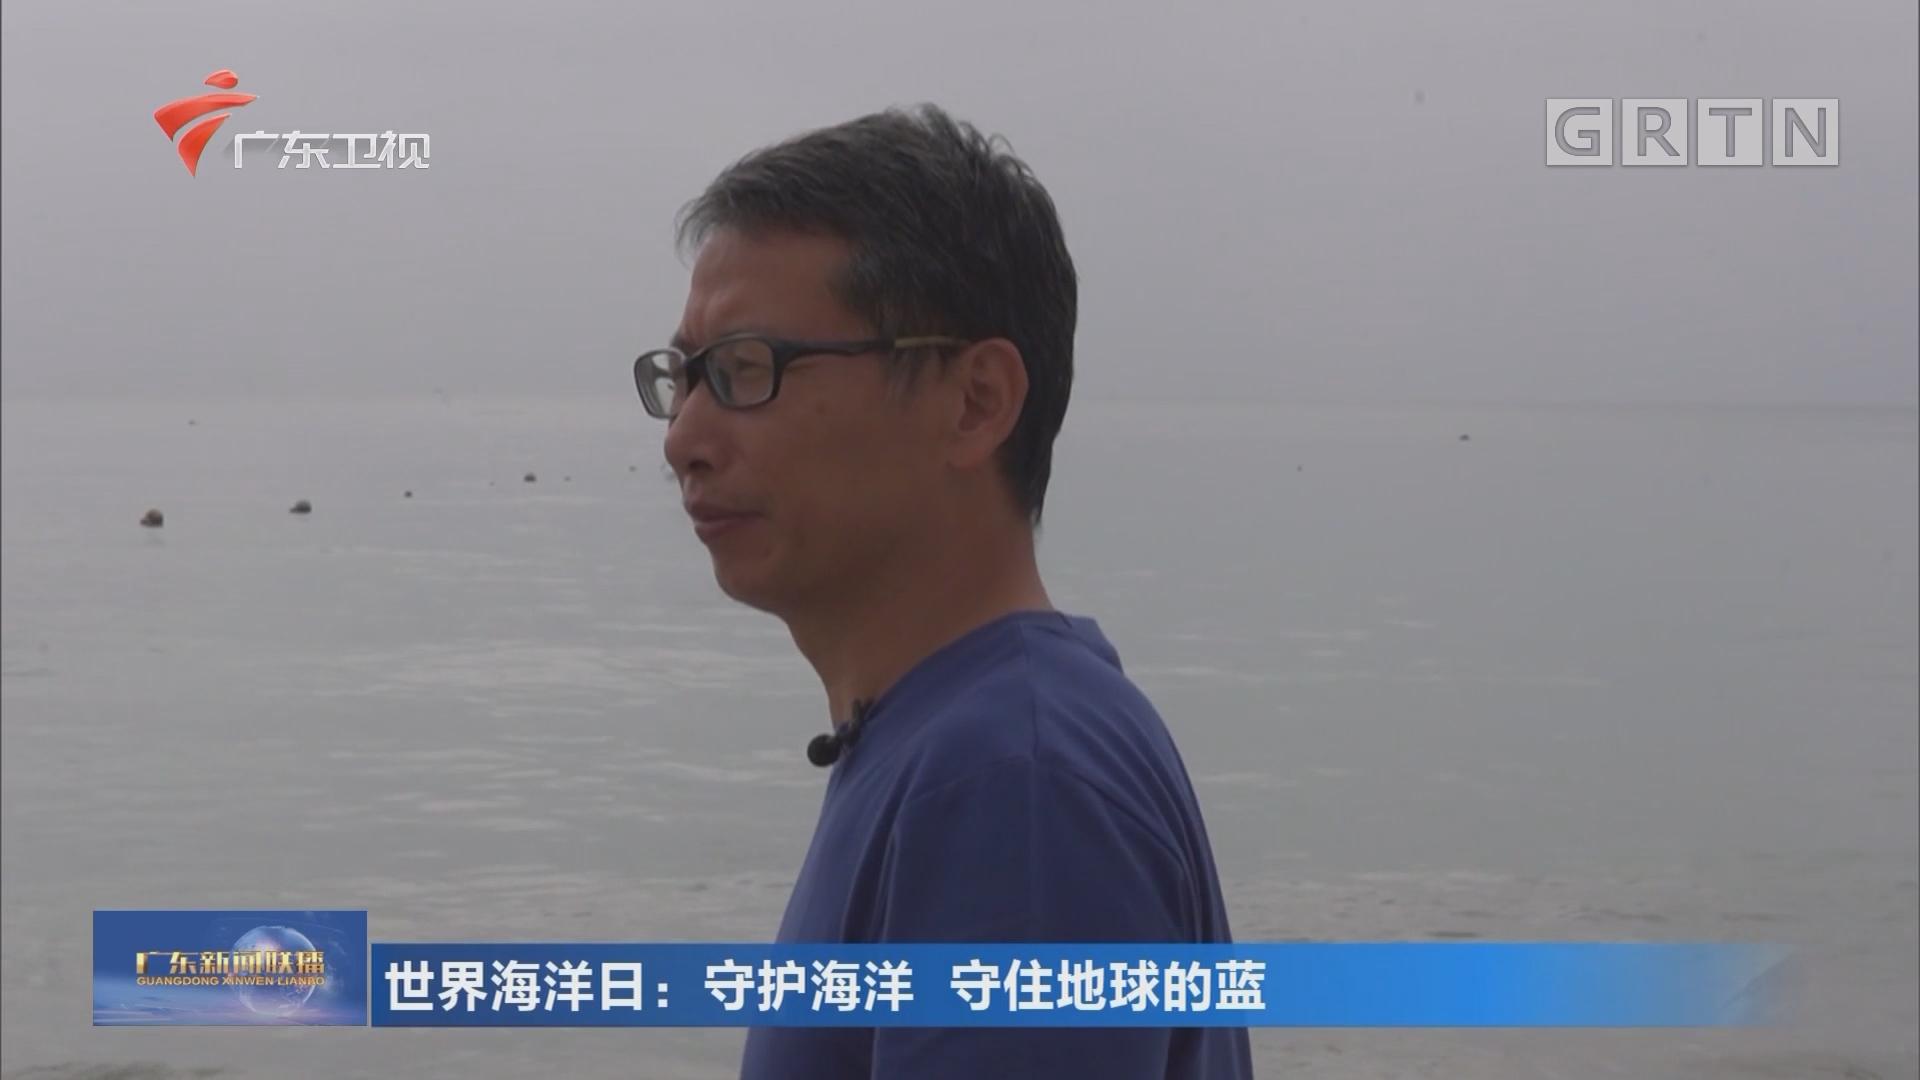 世界海洋日:守护海洋 守住地球的蓝